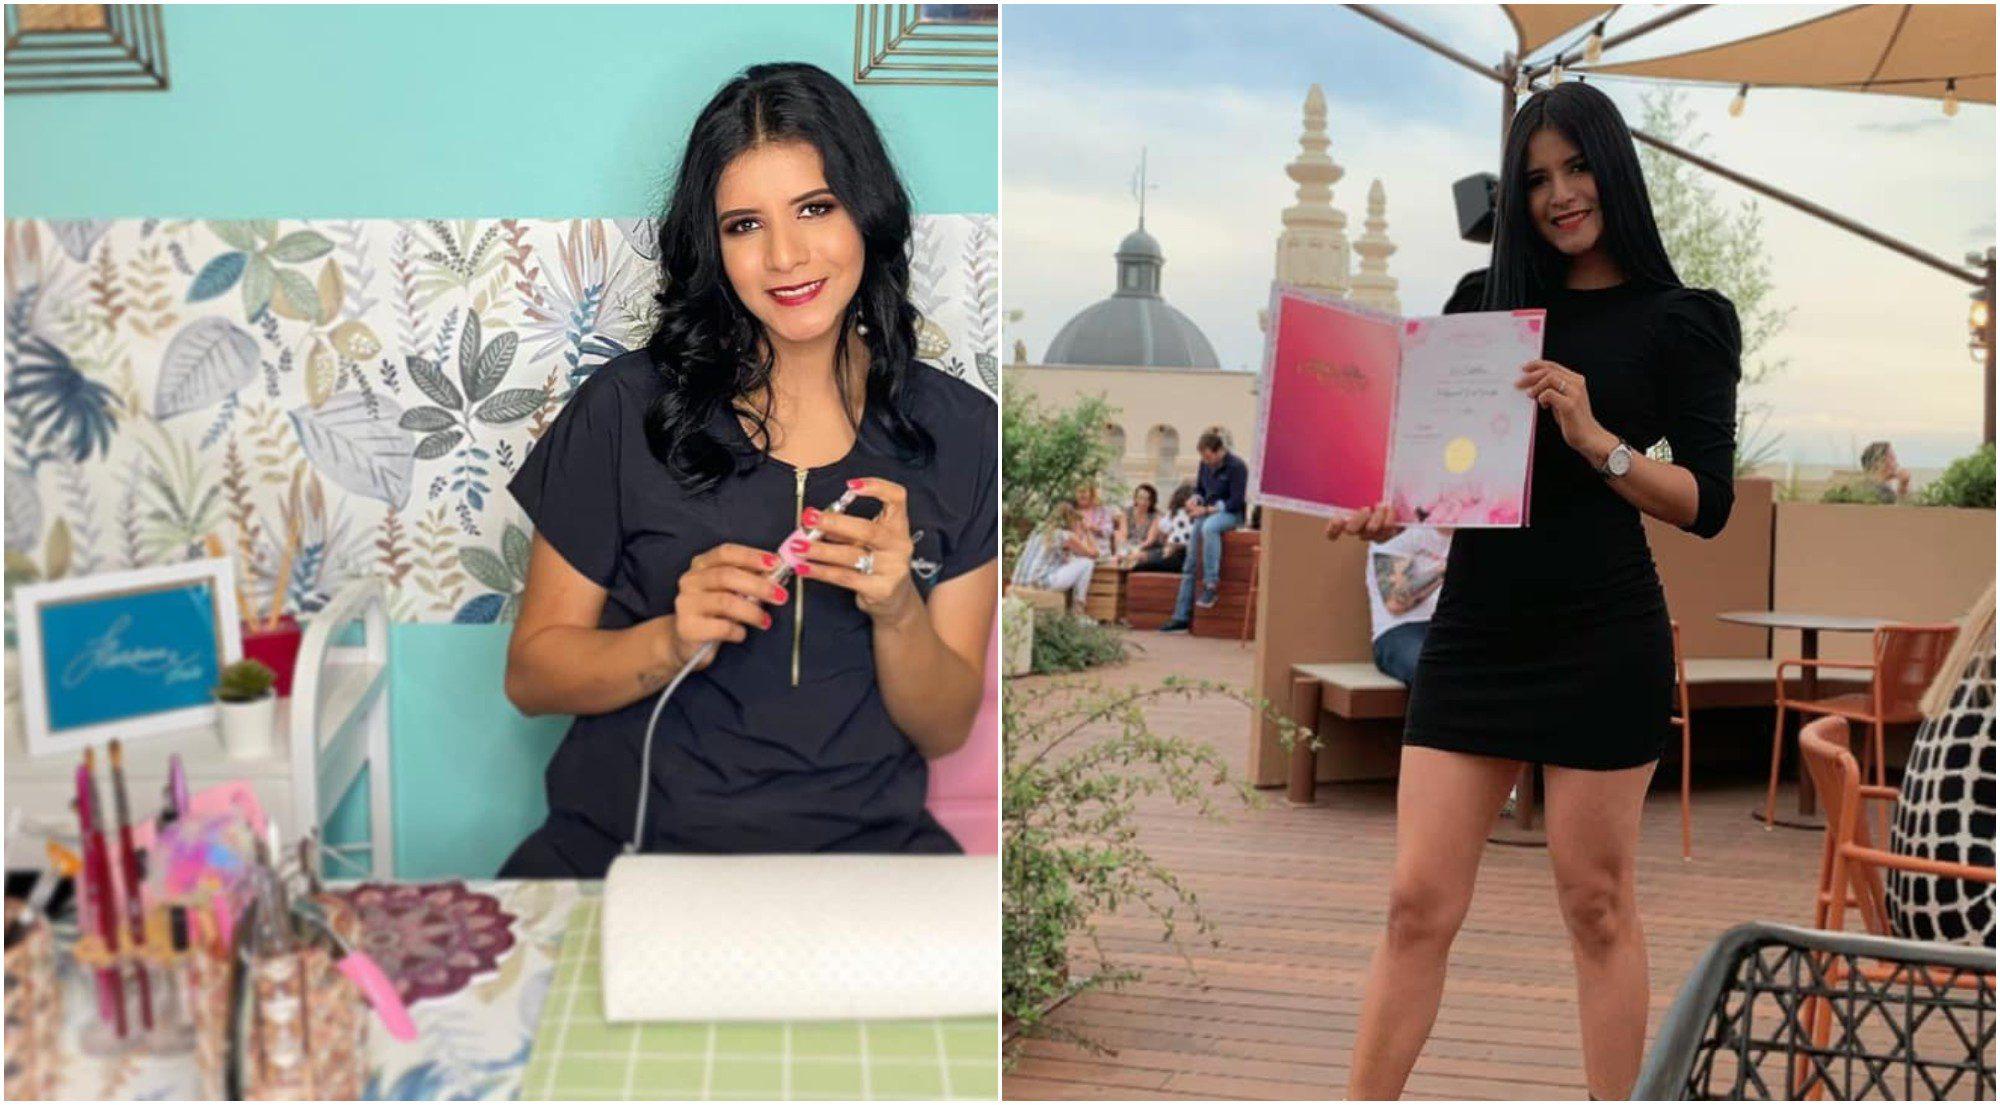 Hondureña destaca en España con emprendimiento de uñas